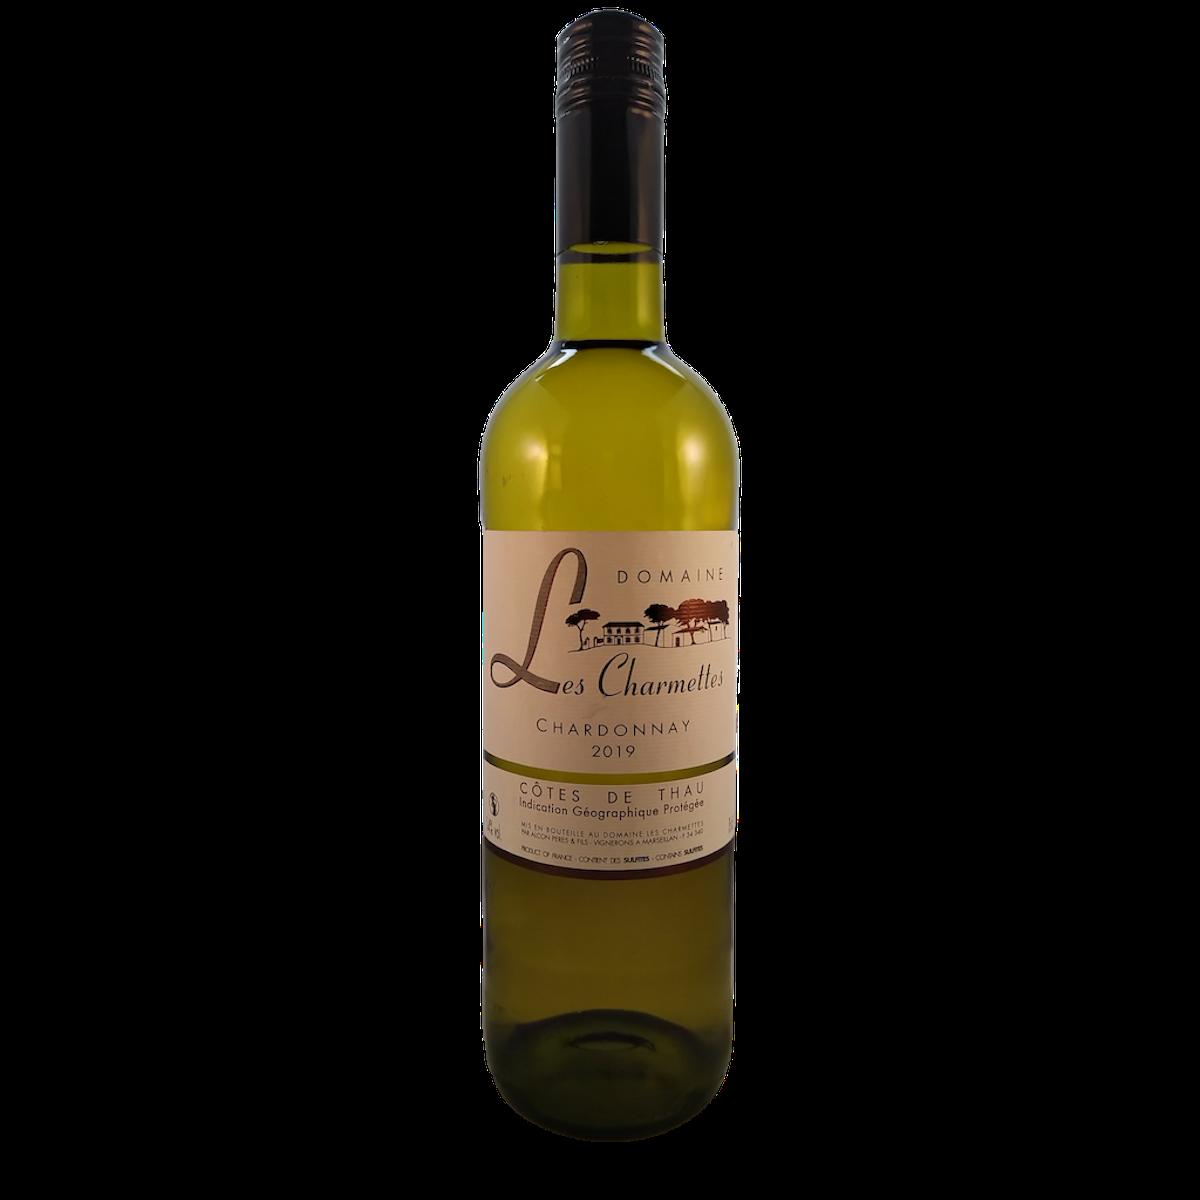 Chardonnay, 2019